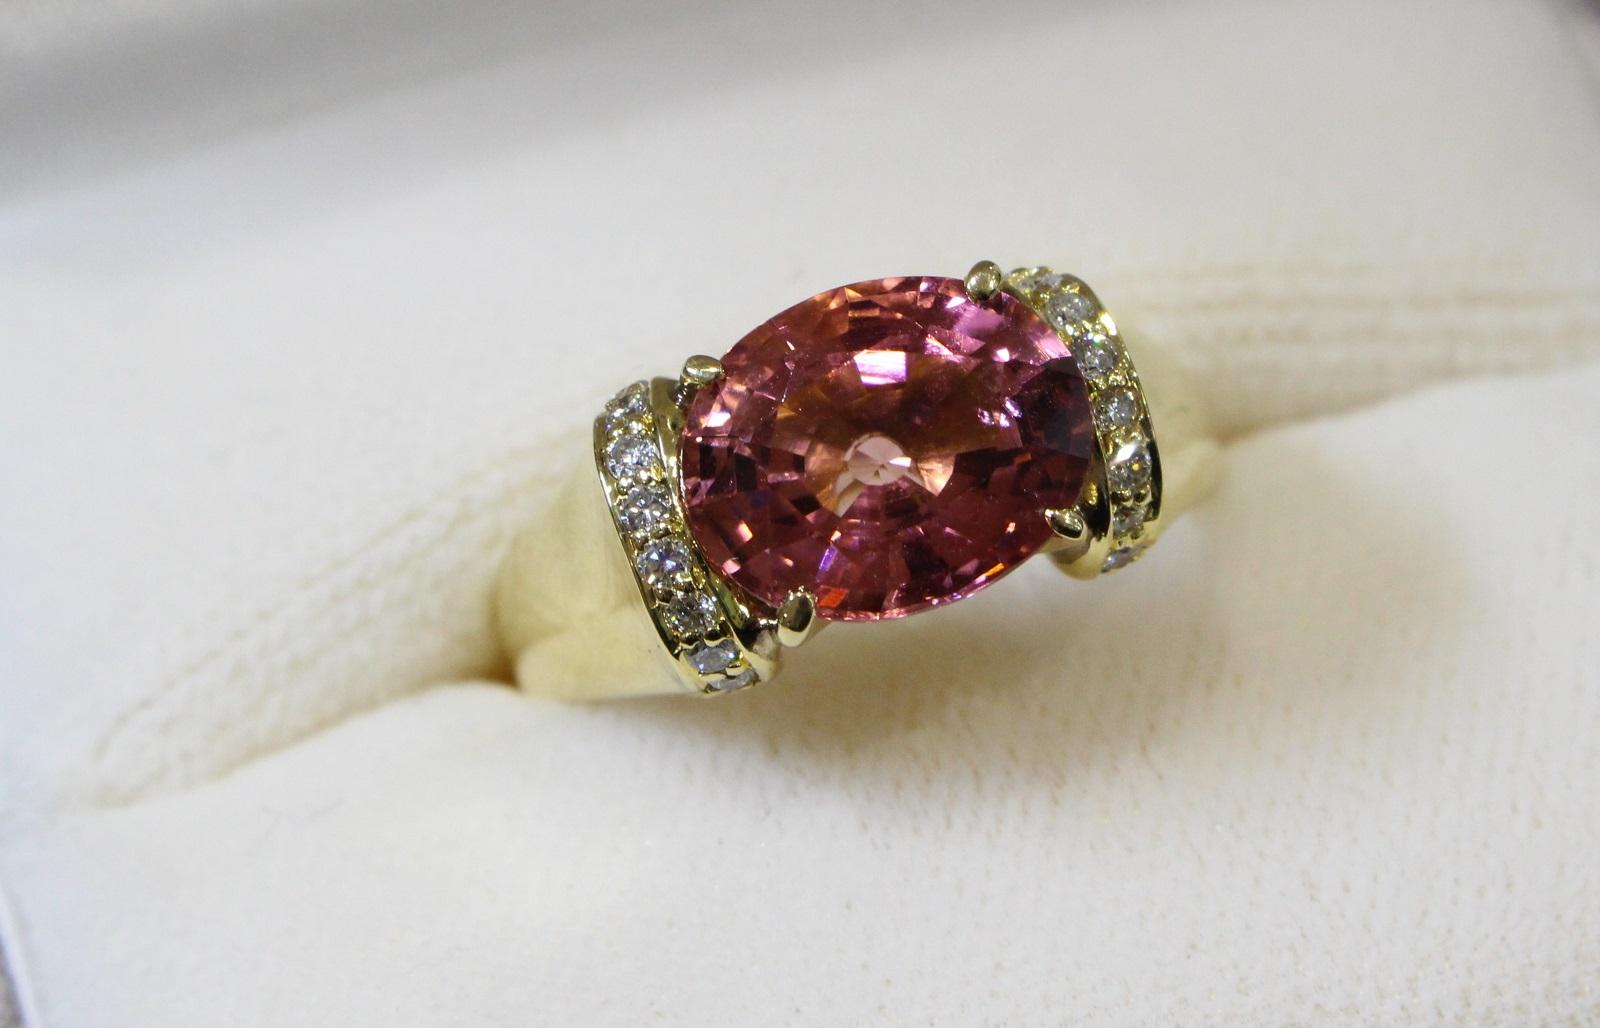 【☆新品仕上げ済☆】ピンク石リングK18 ダイヤモンド0.23ct ピンク石4.12ct9.4g 16.5号 カワイイ 高級レディース ギフト包装可【中古】